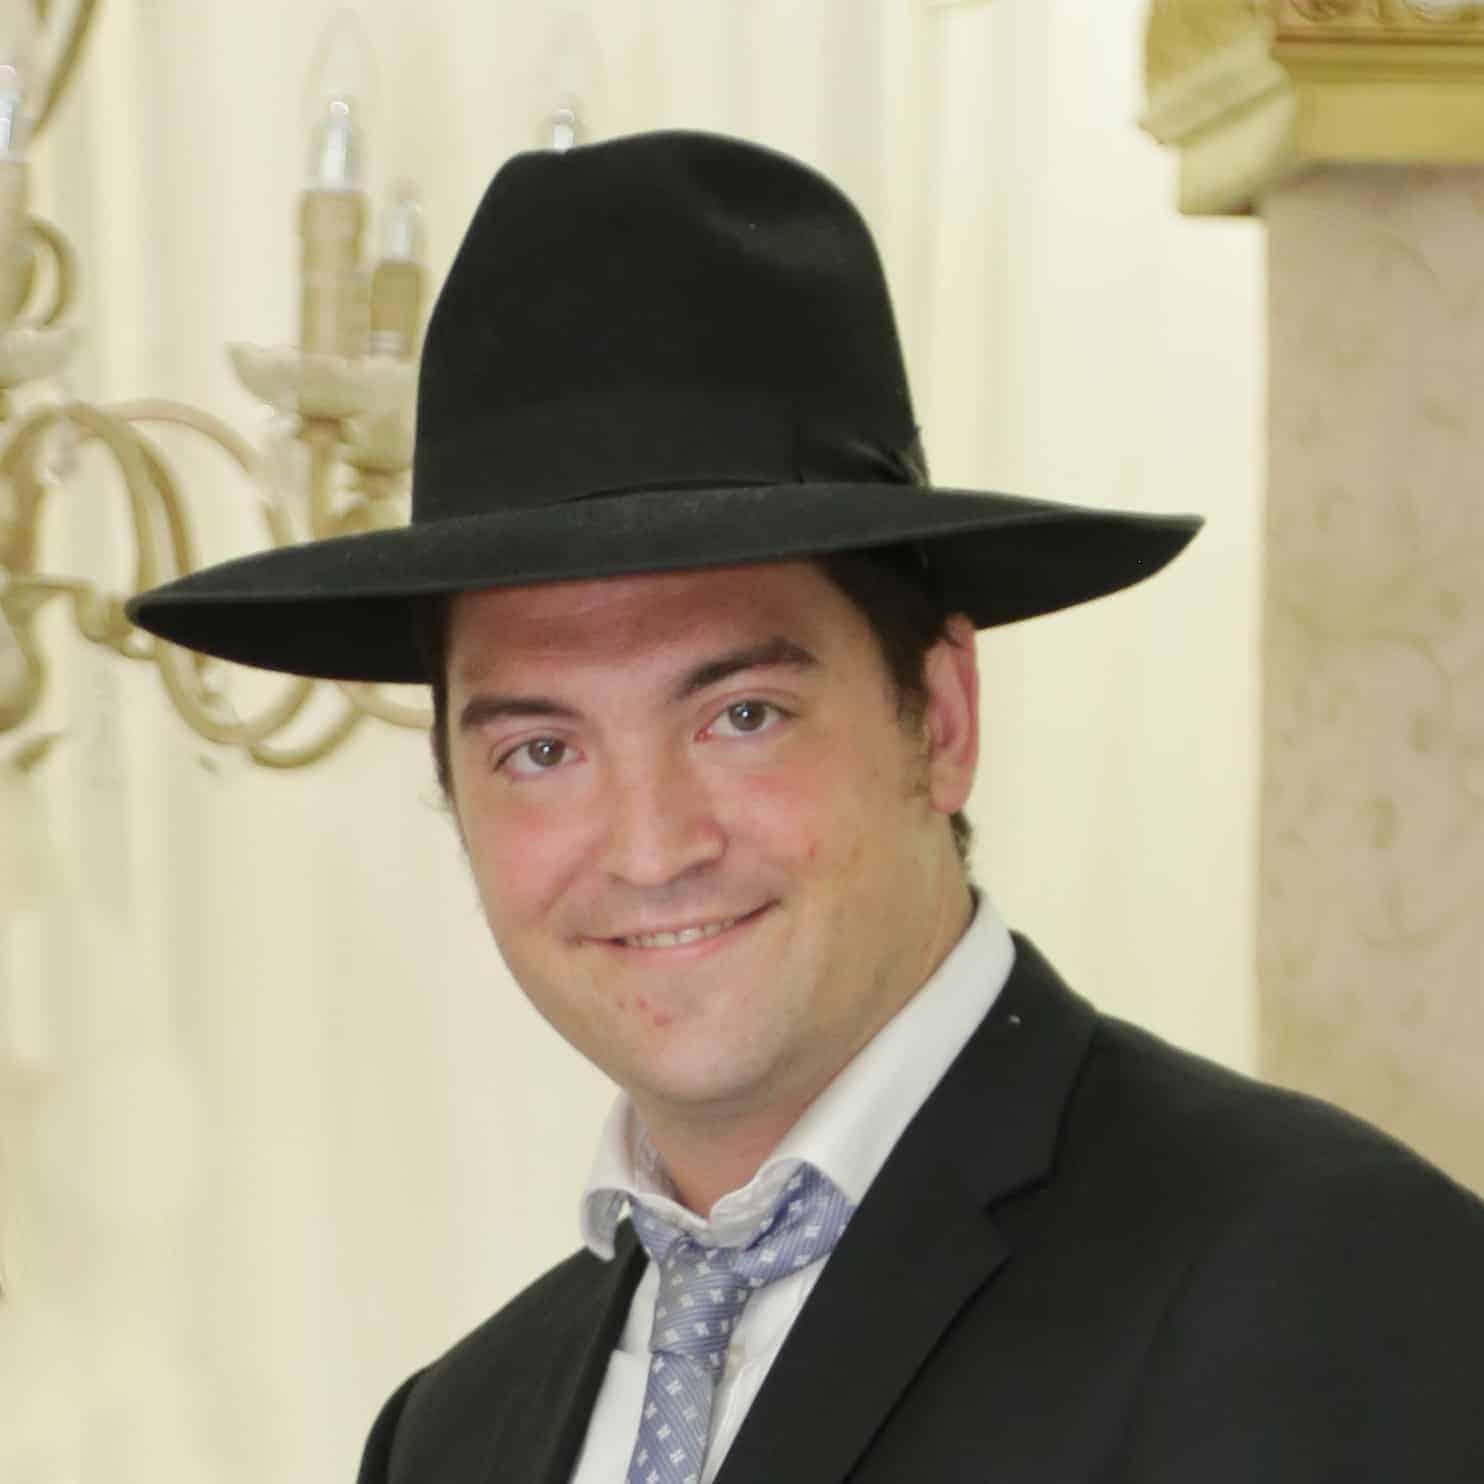 Rabbi Levi Felsenthal